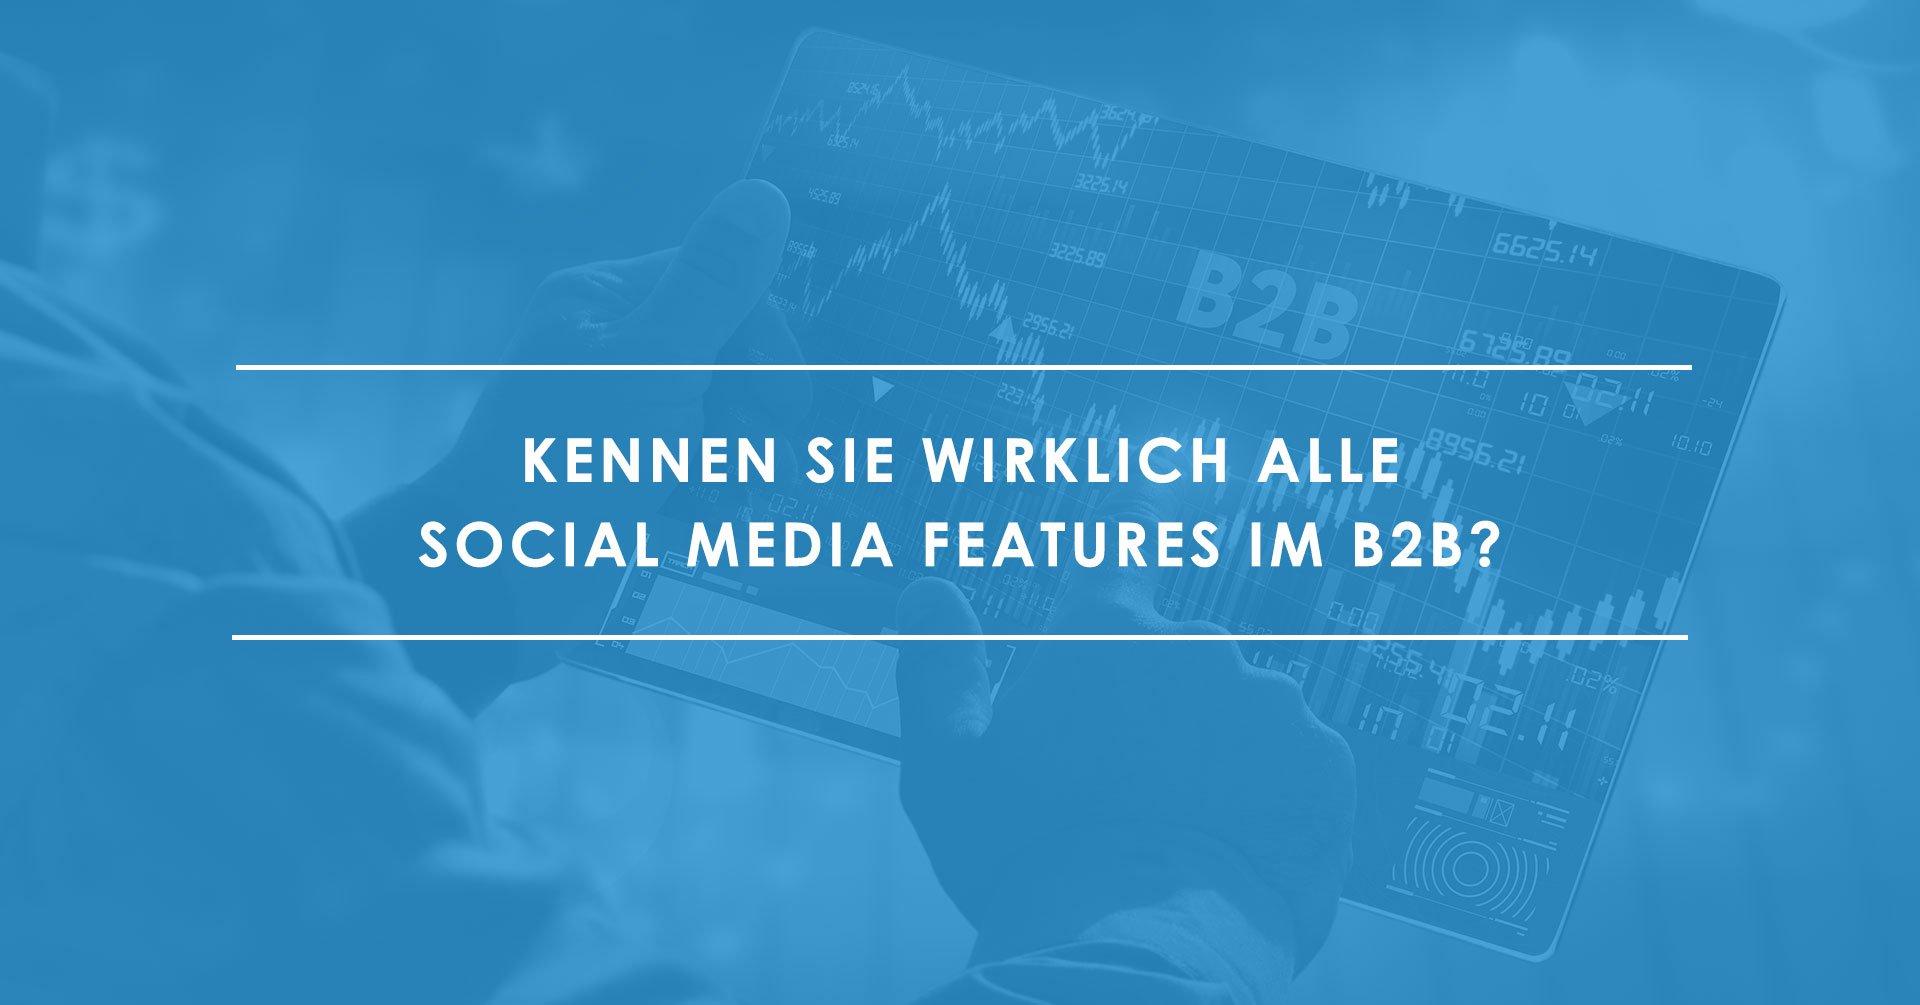 B2B--Versteckte-Facebook-,-Twitter--&-LinkedIn-Features